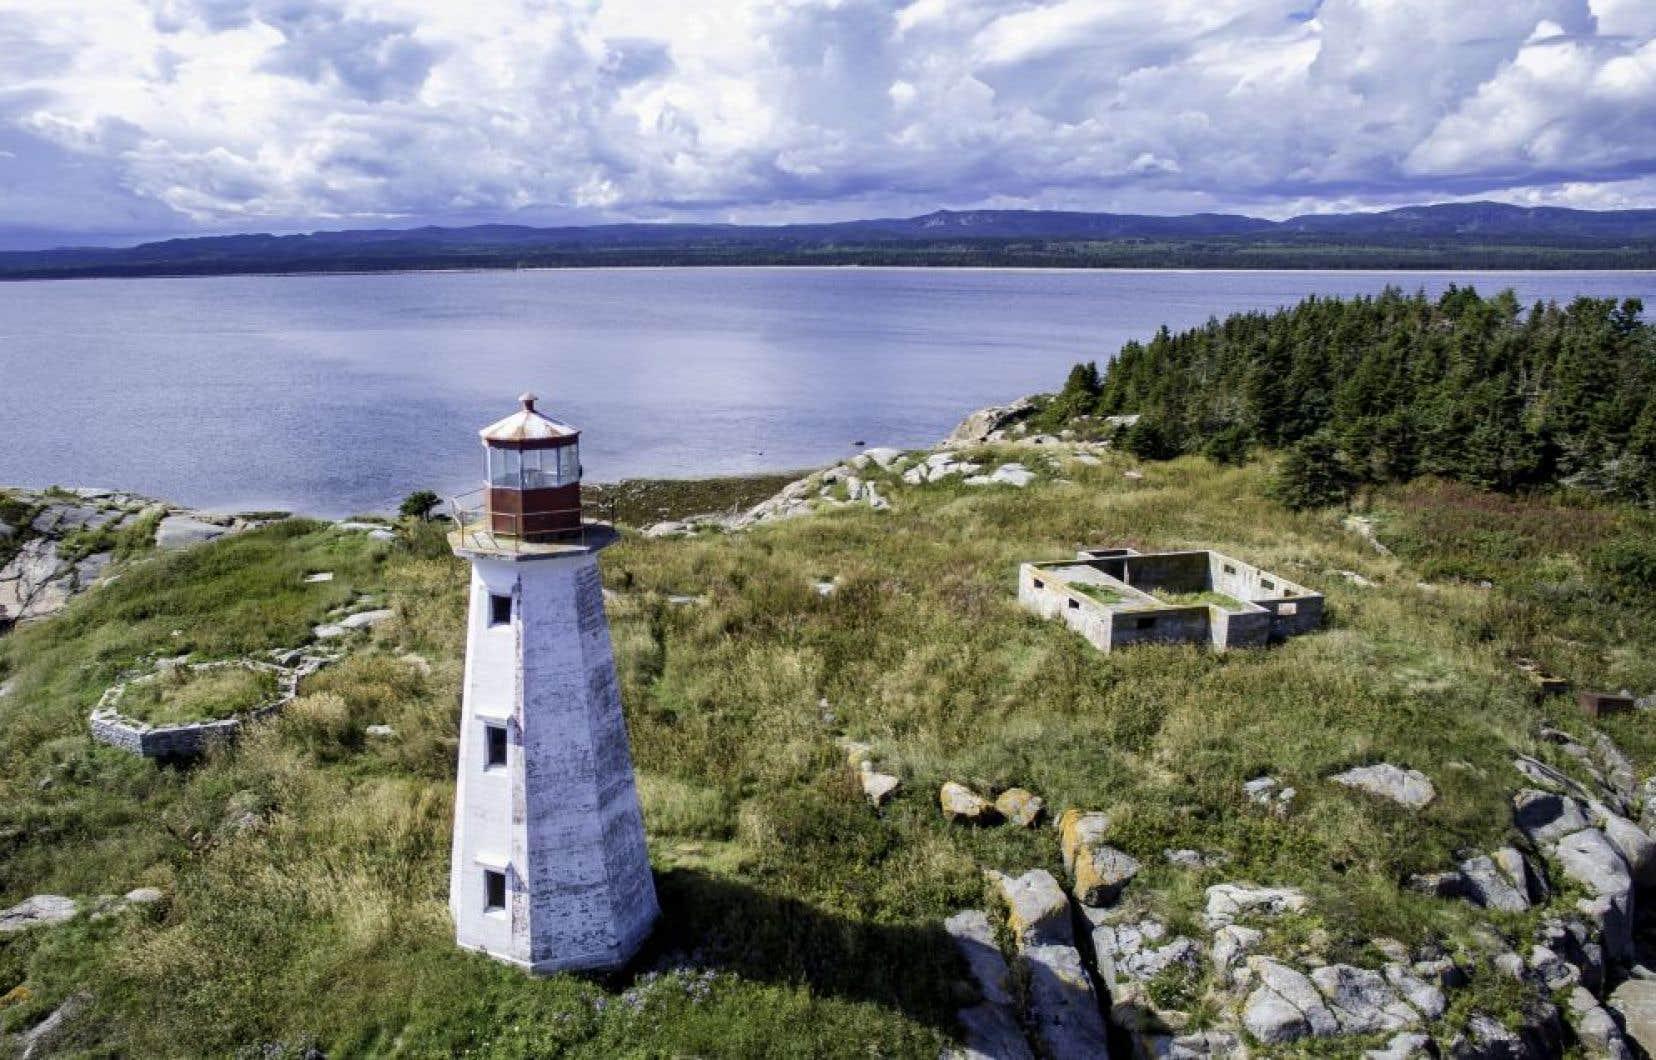 Le documentaire « Le naufrage de l'île aux Œufs.» met en lumière le naufrage en septembre 1711, au large cette inhospitalière île.